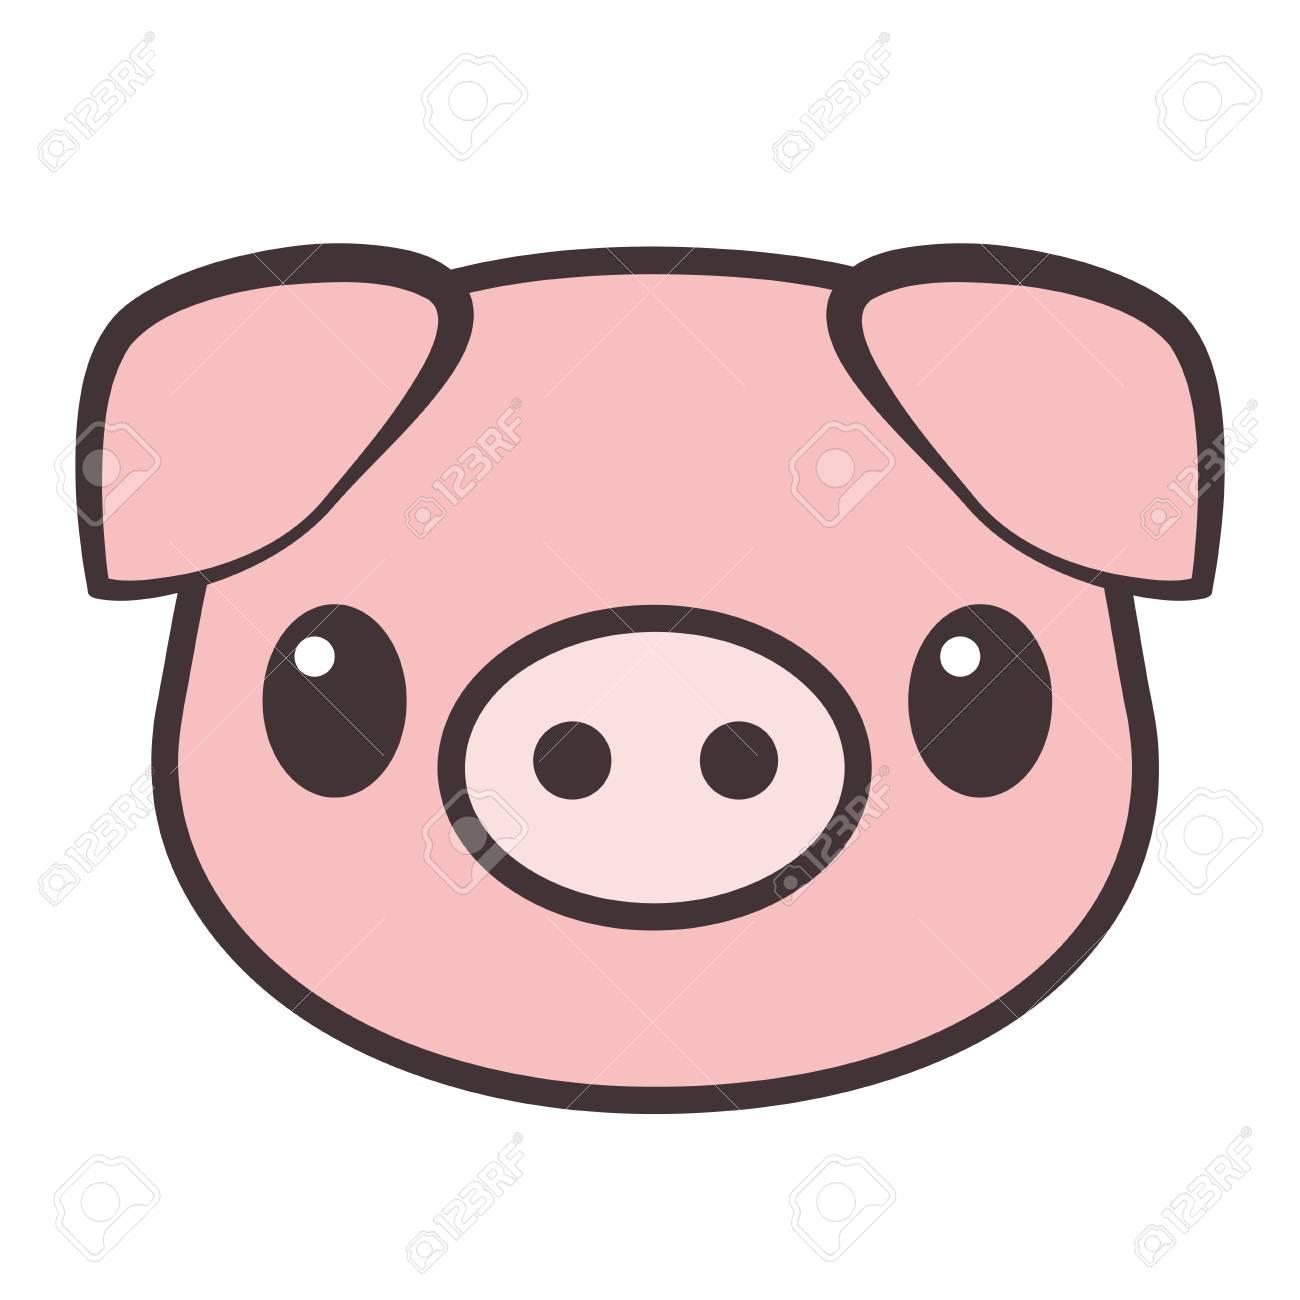 Cartoon Pig Face. Vector Illustration. R #718059.